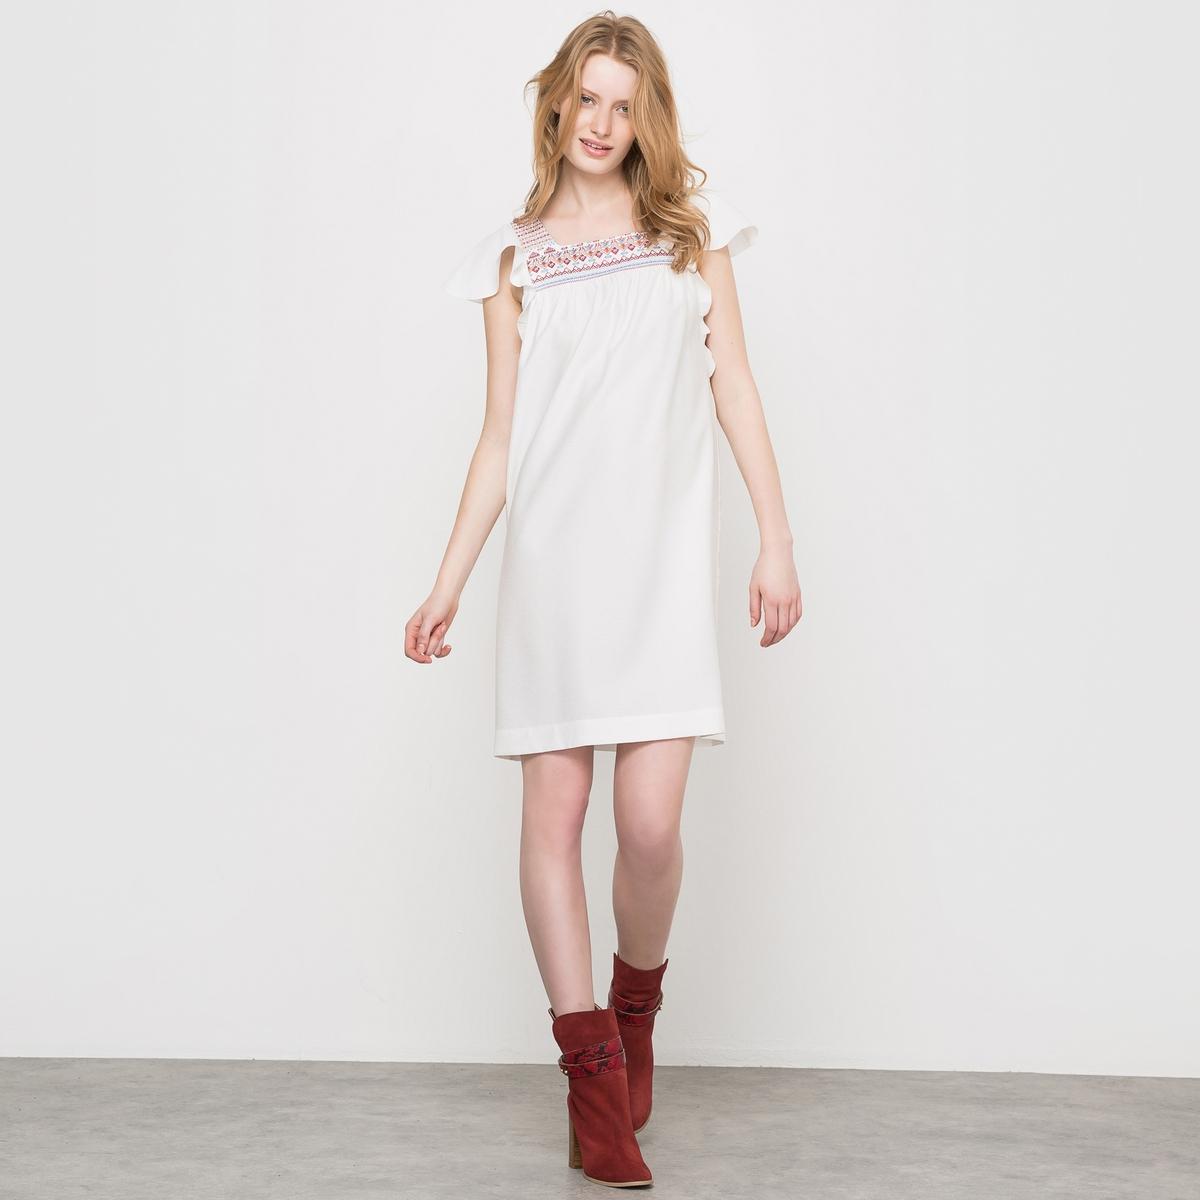 Платье в стиле бэби-долл с глубоким вырезомПлатье с глубоким вырезом. Платье в стиле бэби-долл, квадратный вырез с вышивкой. Прямой покрой, короткие рукава с воланами, складки под вышивкой спереди.    Состав и описаниеМатериал : 85% вискозы, 15% полиэстераРазмер : Длина 90 см Уход Машинная стирка при 30 °С<br><br>Цвет: желтый,слоновая кость<br>Размер: 34 (FR) - 40 (RUS).38 (FR) - 44 (RUS).42 (FR) - 48 (RUS).48 (FR) - 54 (RUS).38 (FR) - 44 (RUS).42 (FR) - 48 (RUS)